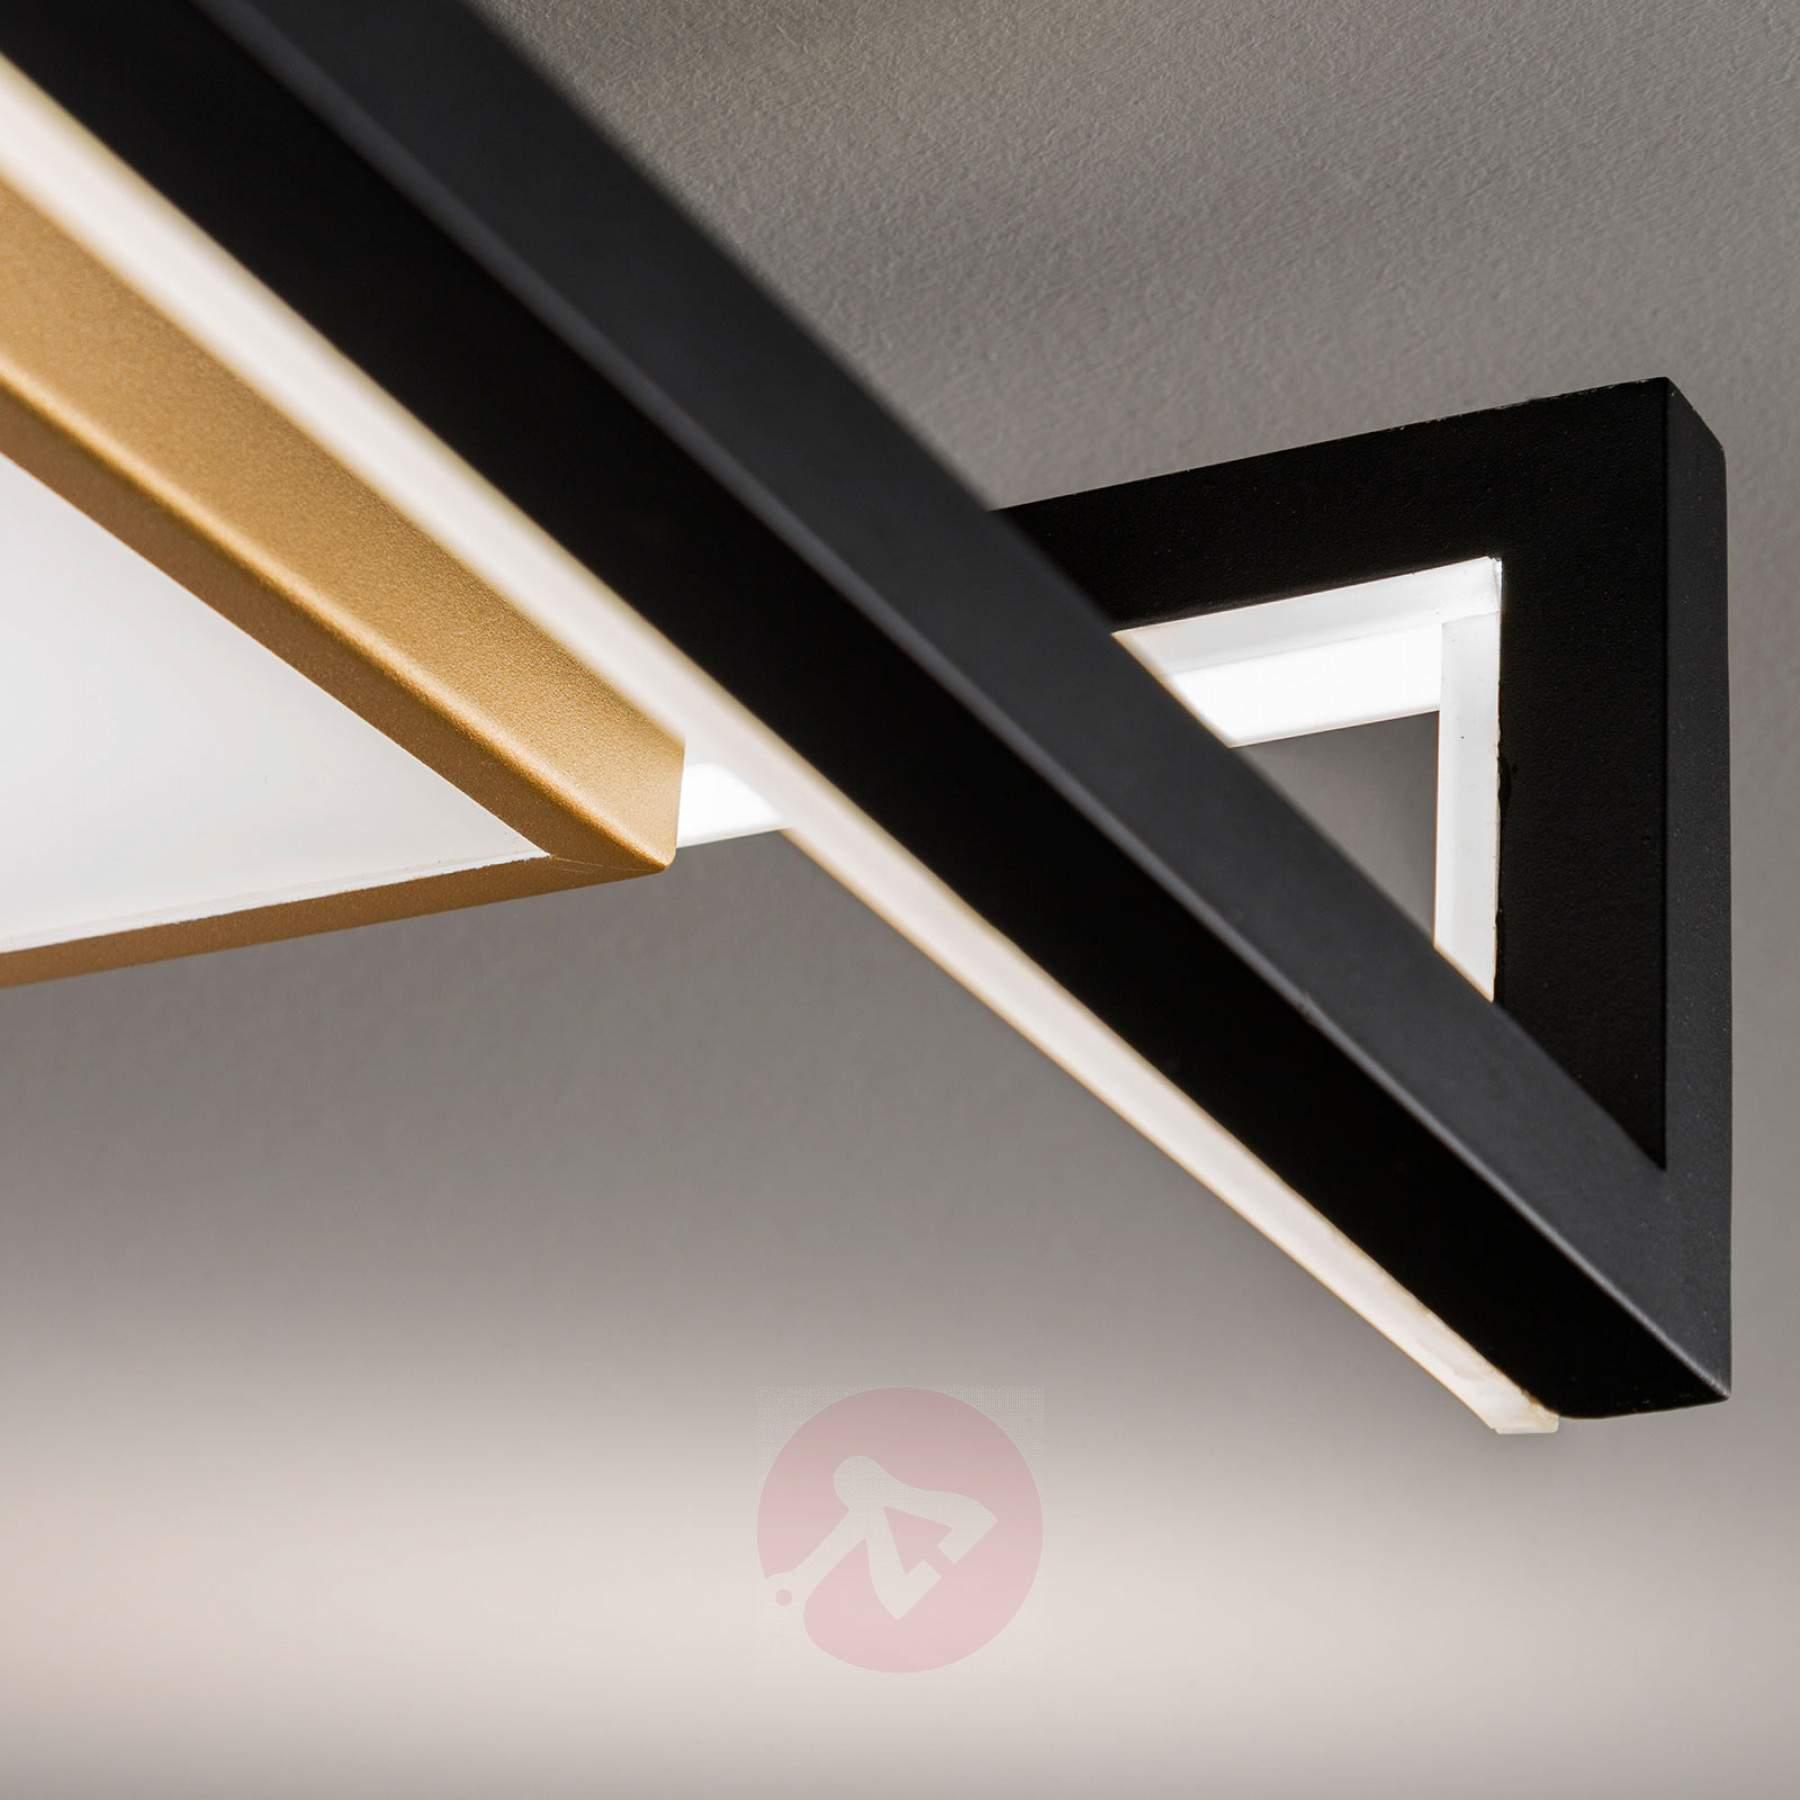 Full Size of Deckenleuchte Designklassiker Led Modern Design Stahl 50x42cm 110x25cm Deckenleuchten Schlafzimmer Designerleuchten Designlive Gold Dimmbar Flur Wohnzimmer Wohnzimmer Deckenleuchte Design